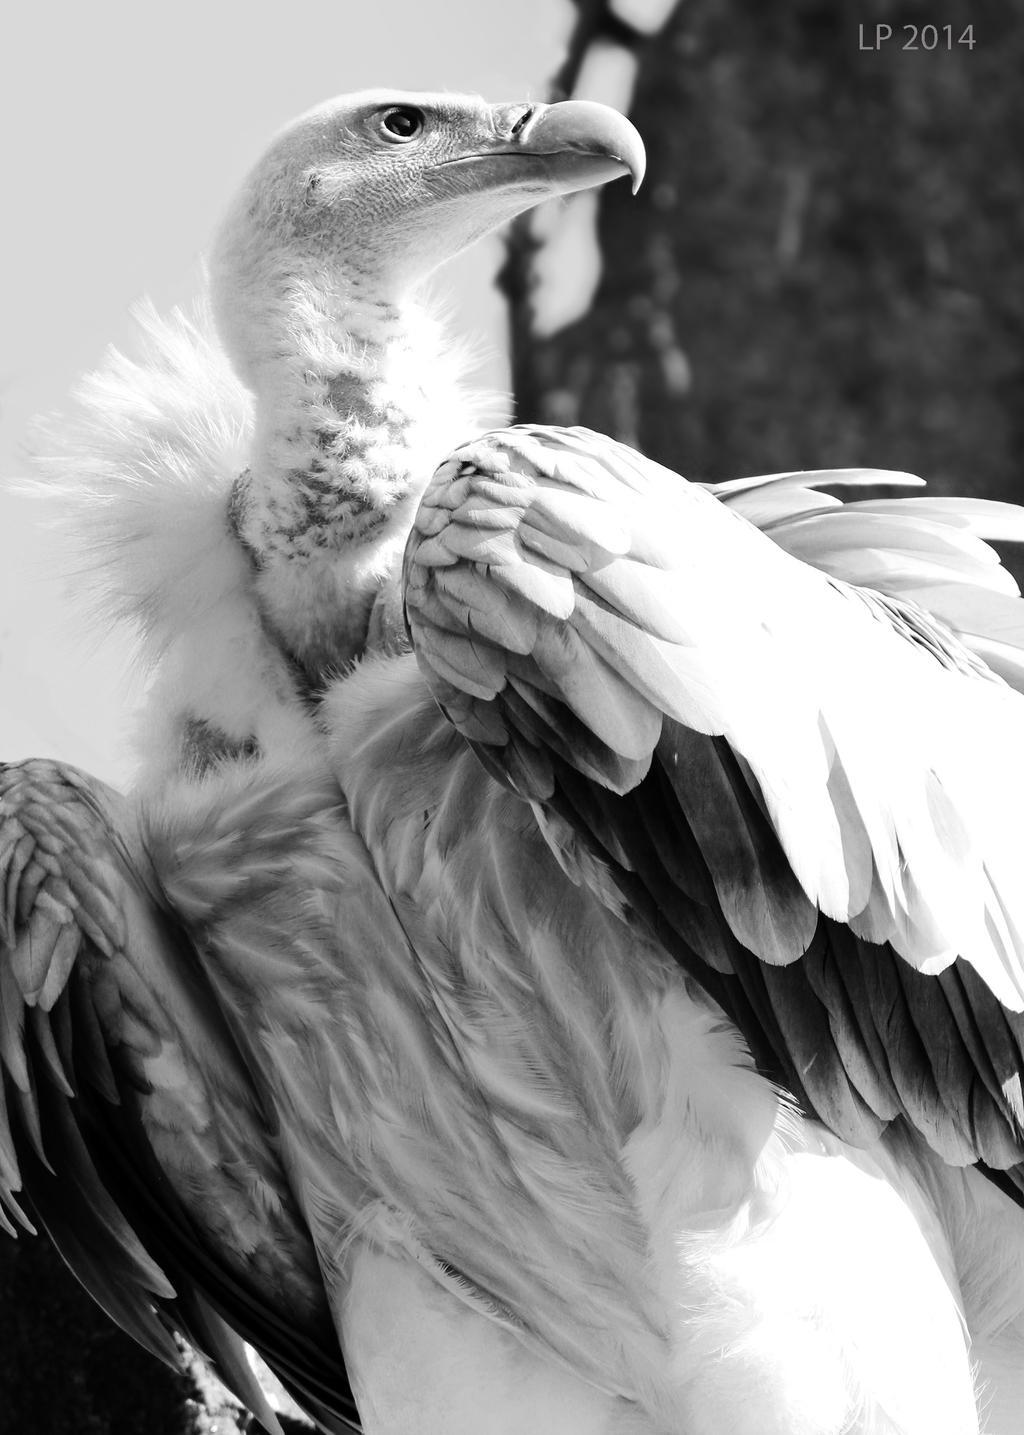 Wild Animals - Portrait III by SchwarzesHerz